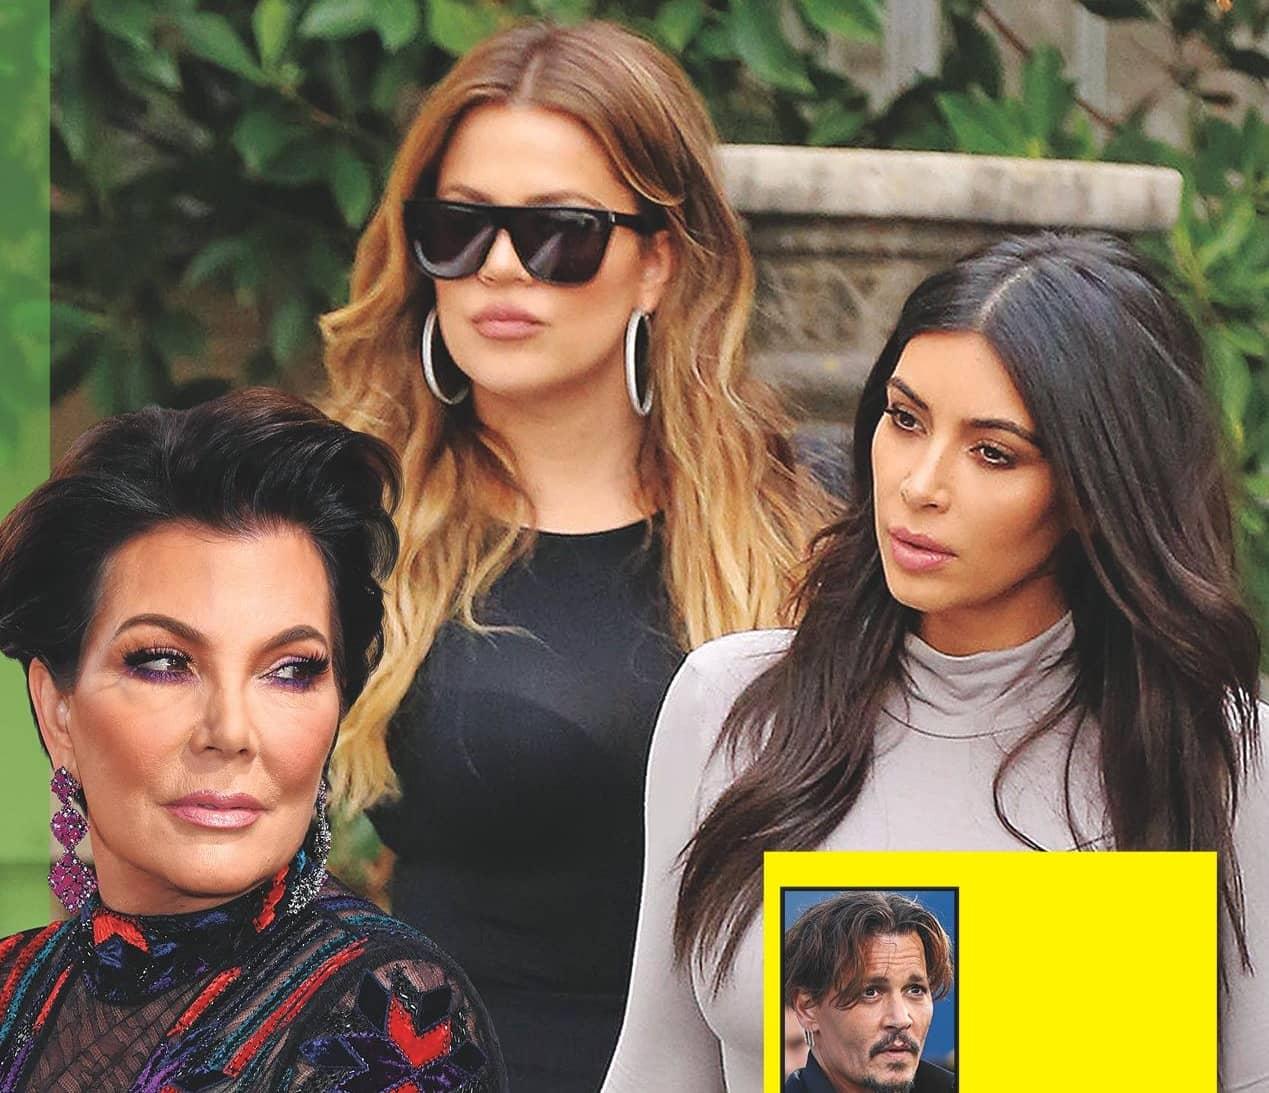 Kardashians: GOING BROKE!